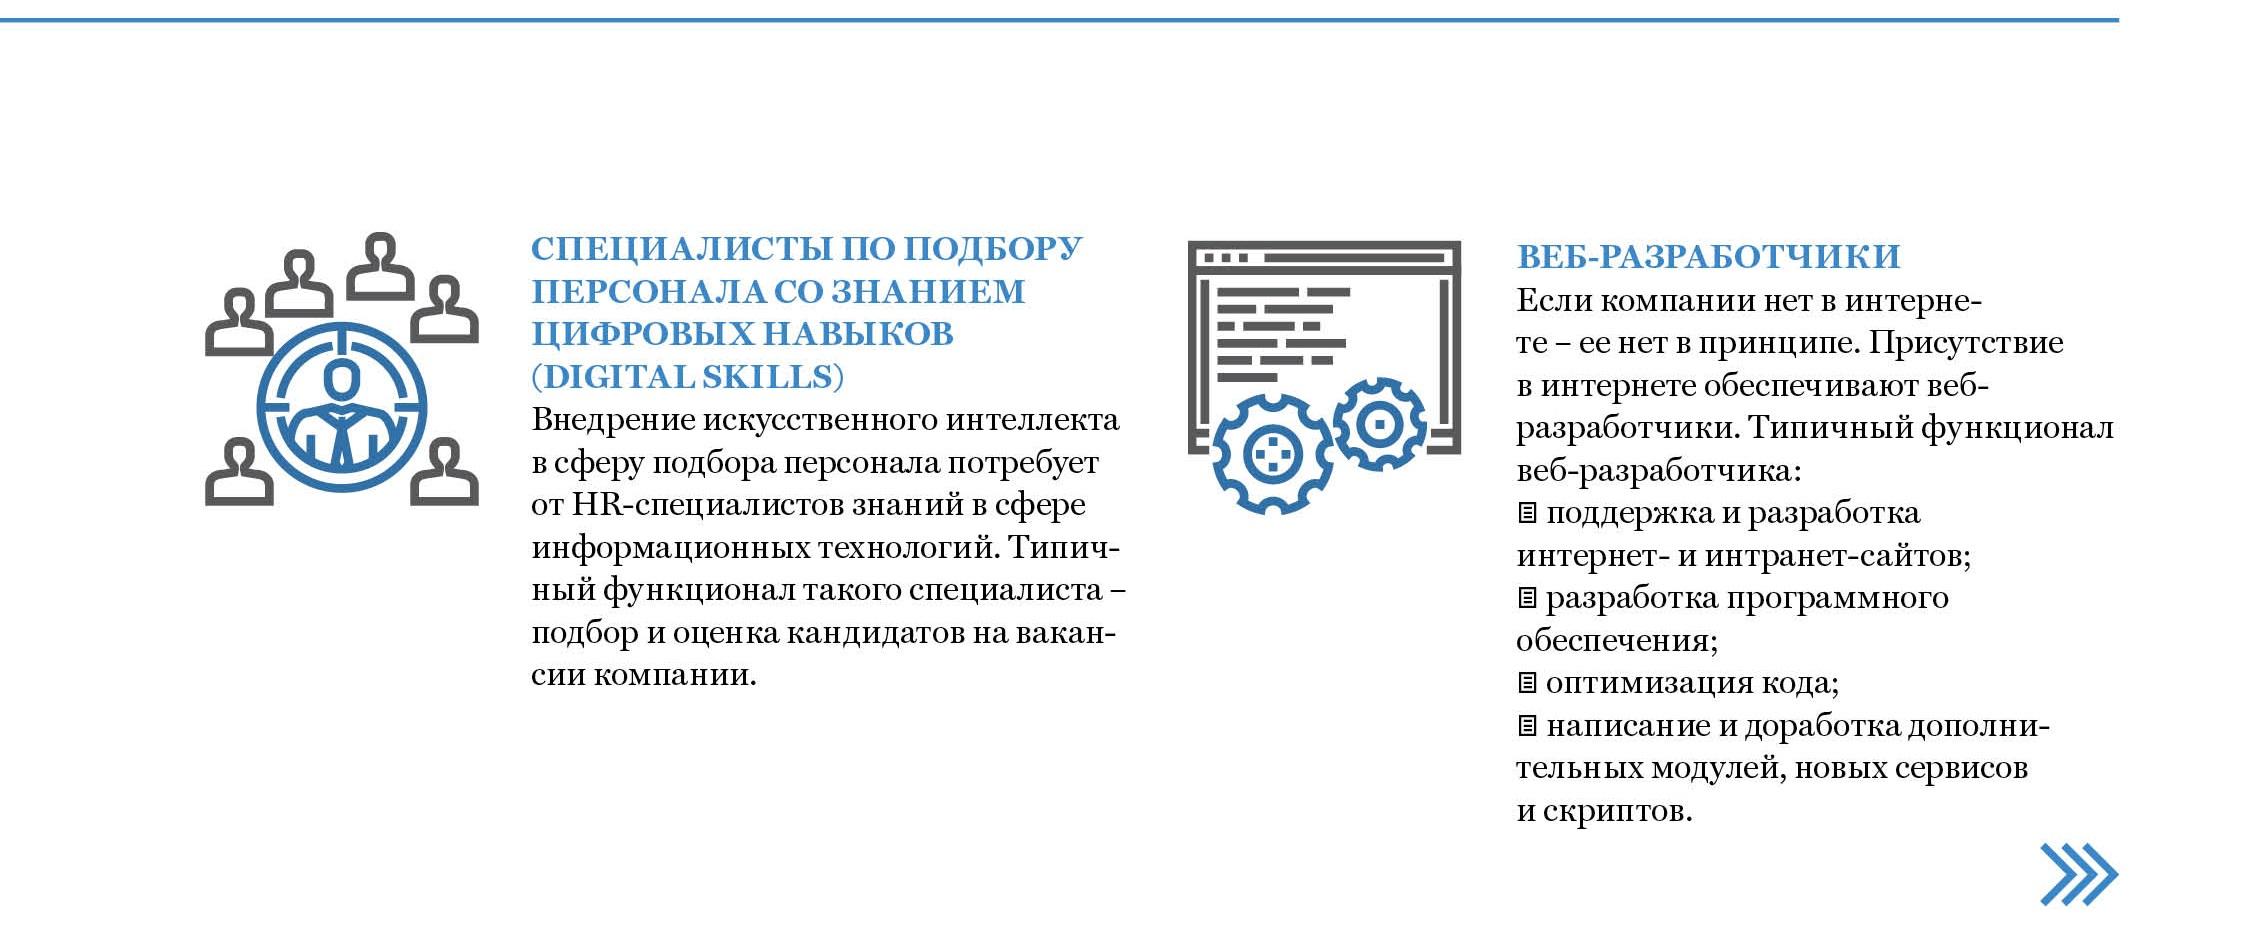 продвижение web-сайта.регистрация web-сайта в каталогах